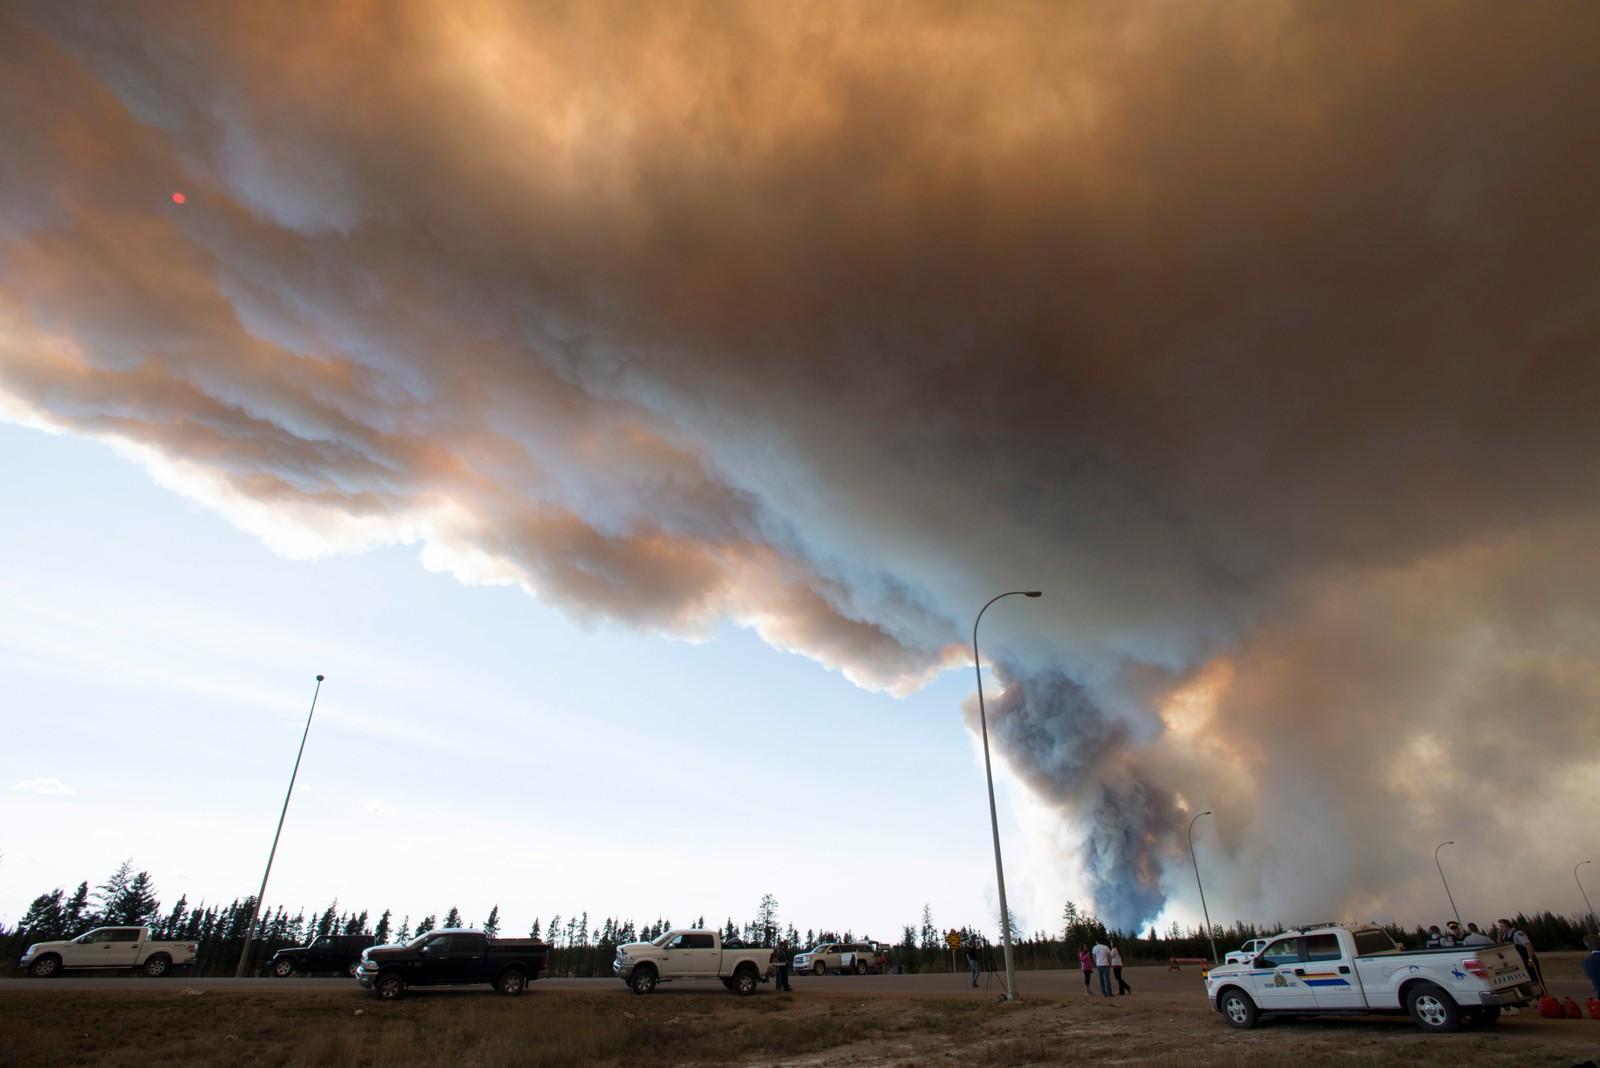 Skogbrannen raser rundt 30 km sør for Fort McMurray i Alberta, Canada. Bildet er tatt ved highway 63. Etter å ha brent i en uke er skogbrannen fortsatt ikke under kontroll og vil trolig bare fortsette å brenne i flere uker.